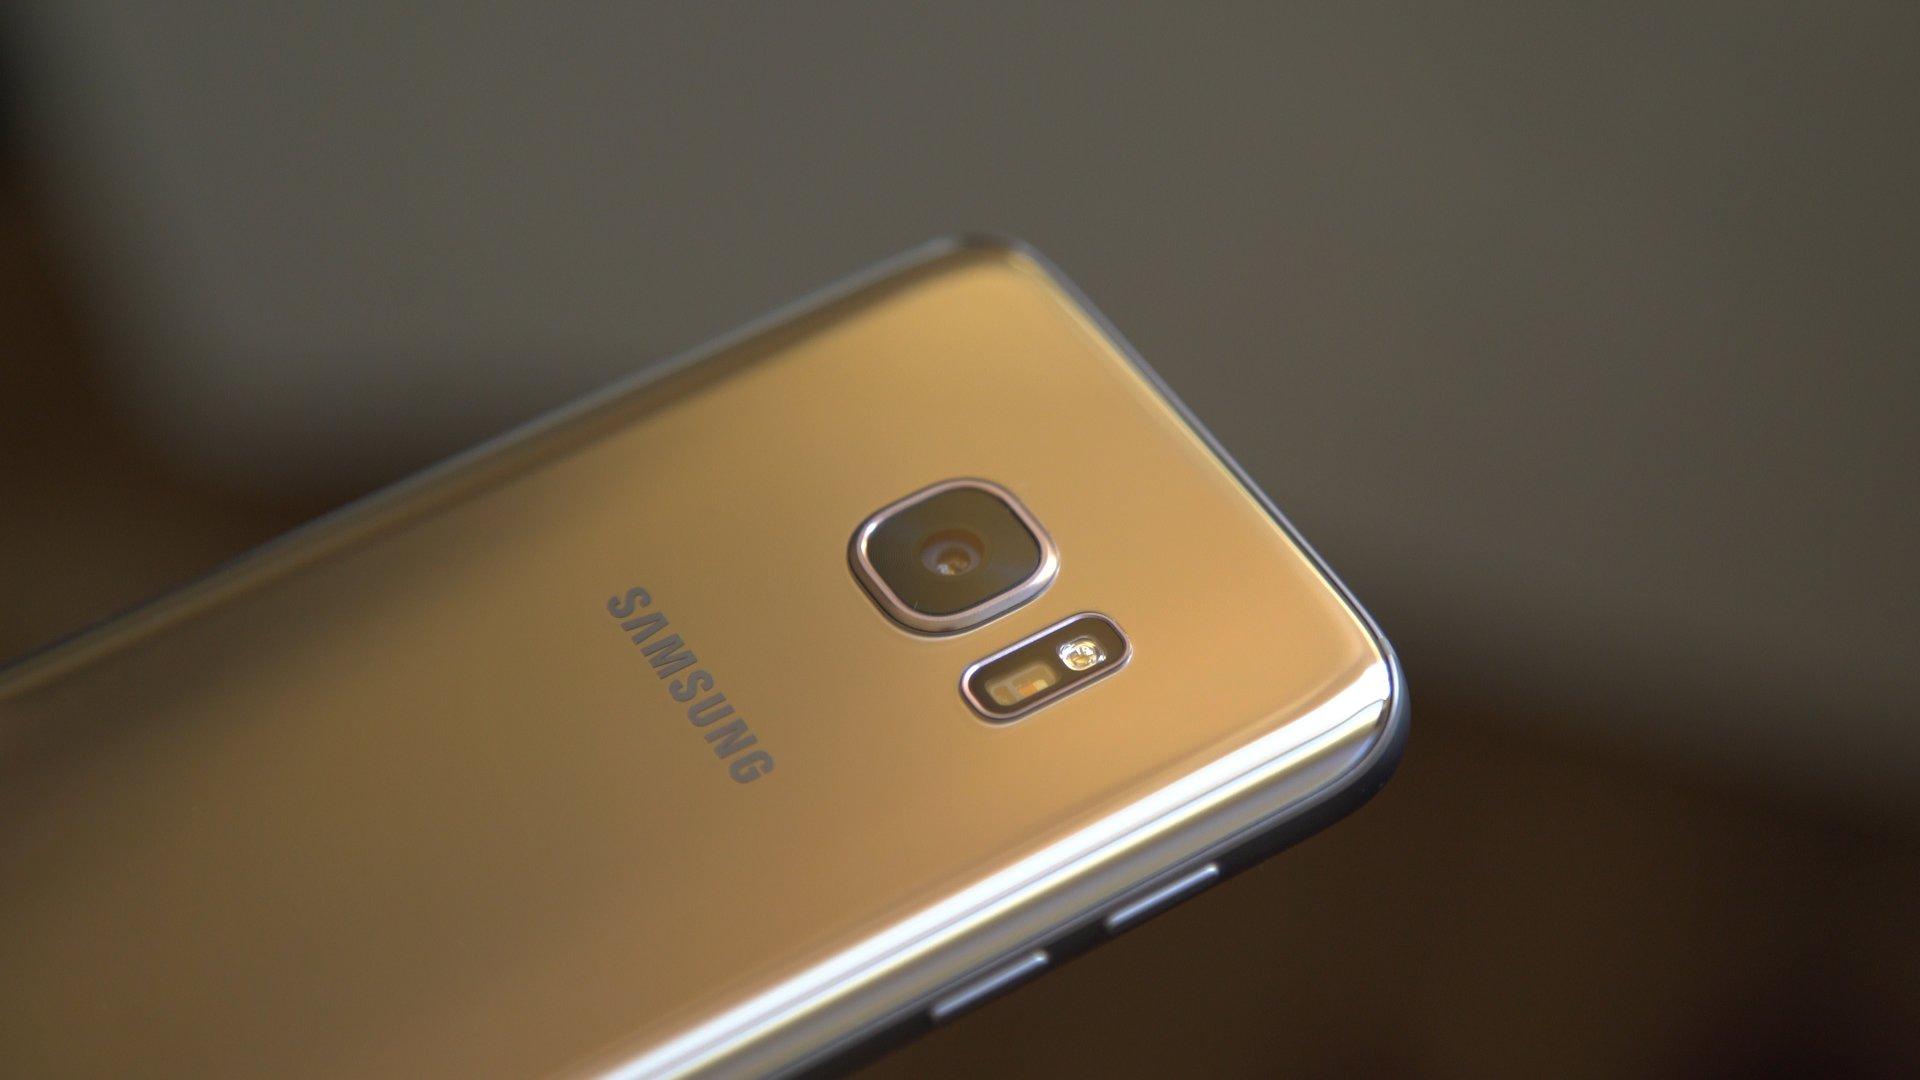 Samsung Galaxy S7 Edge Kamera Im Foto Und Videocheck